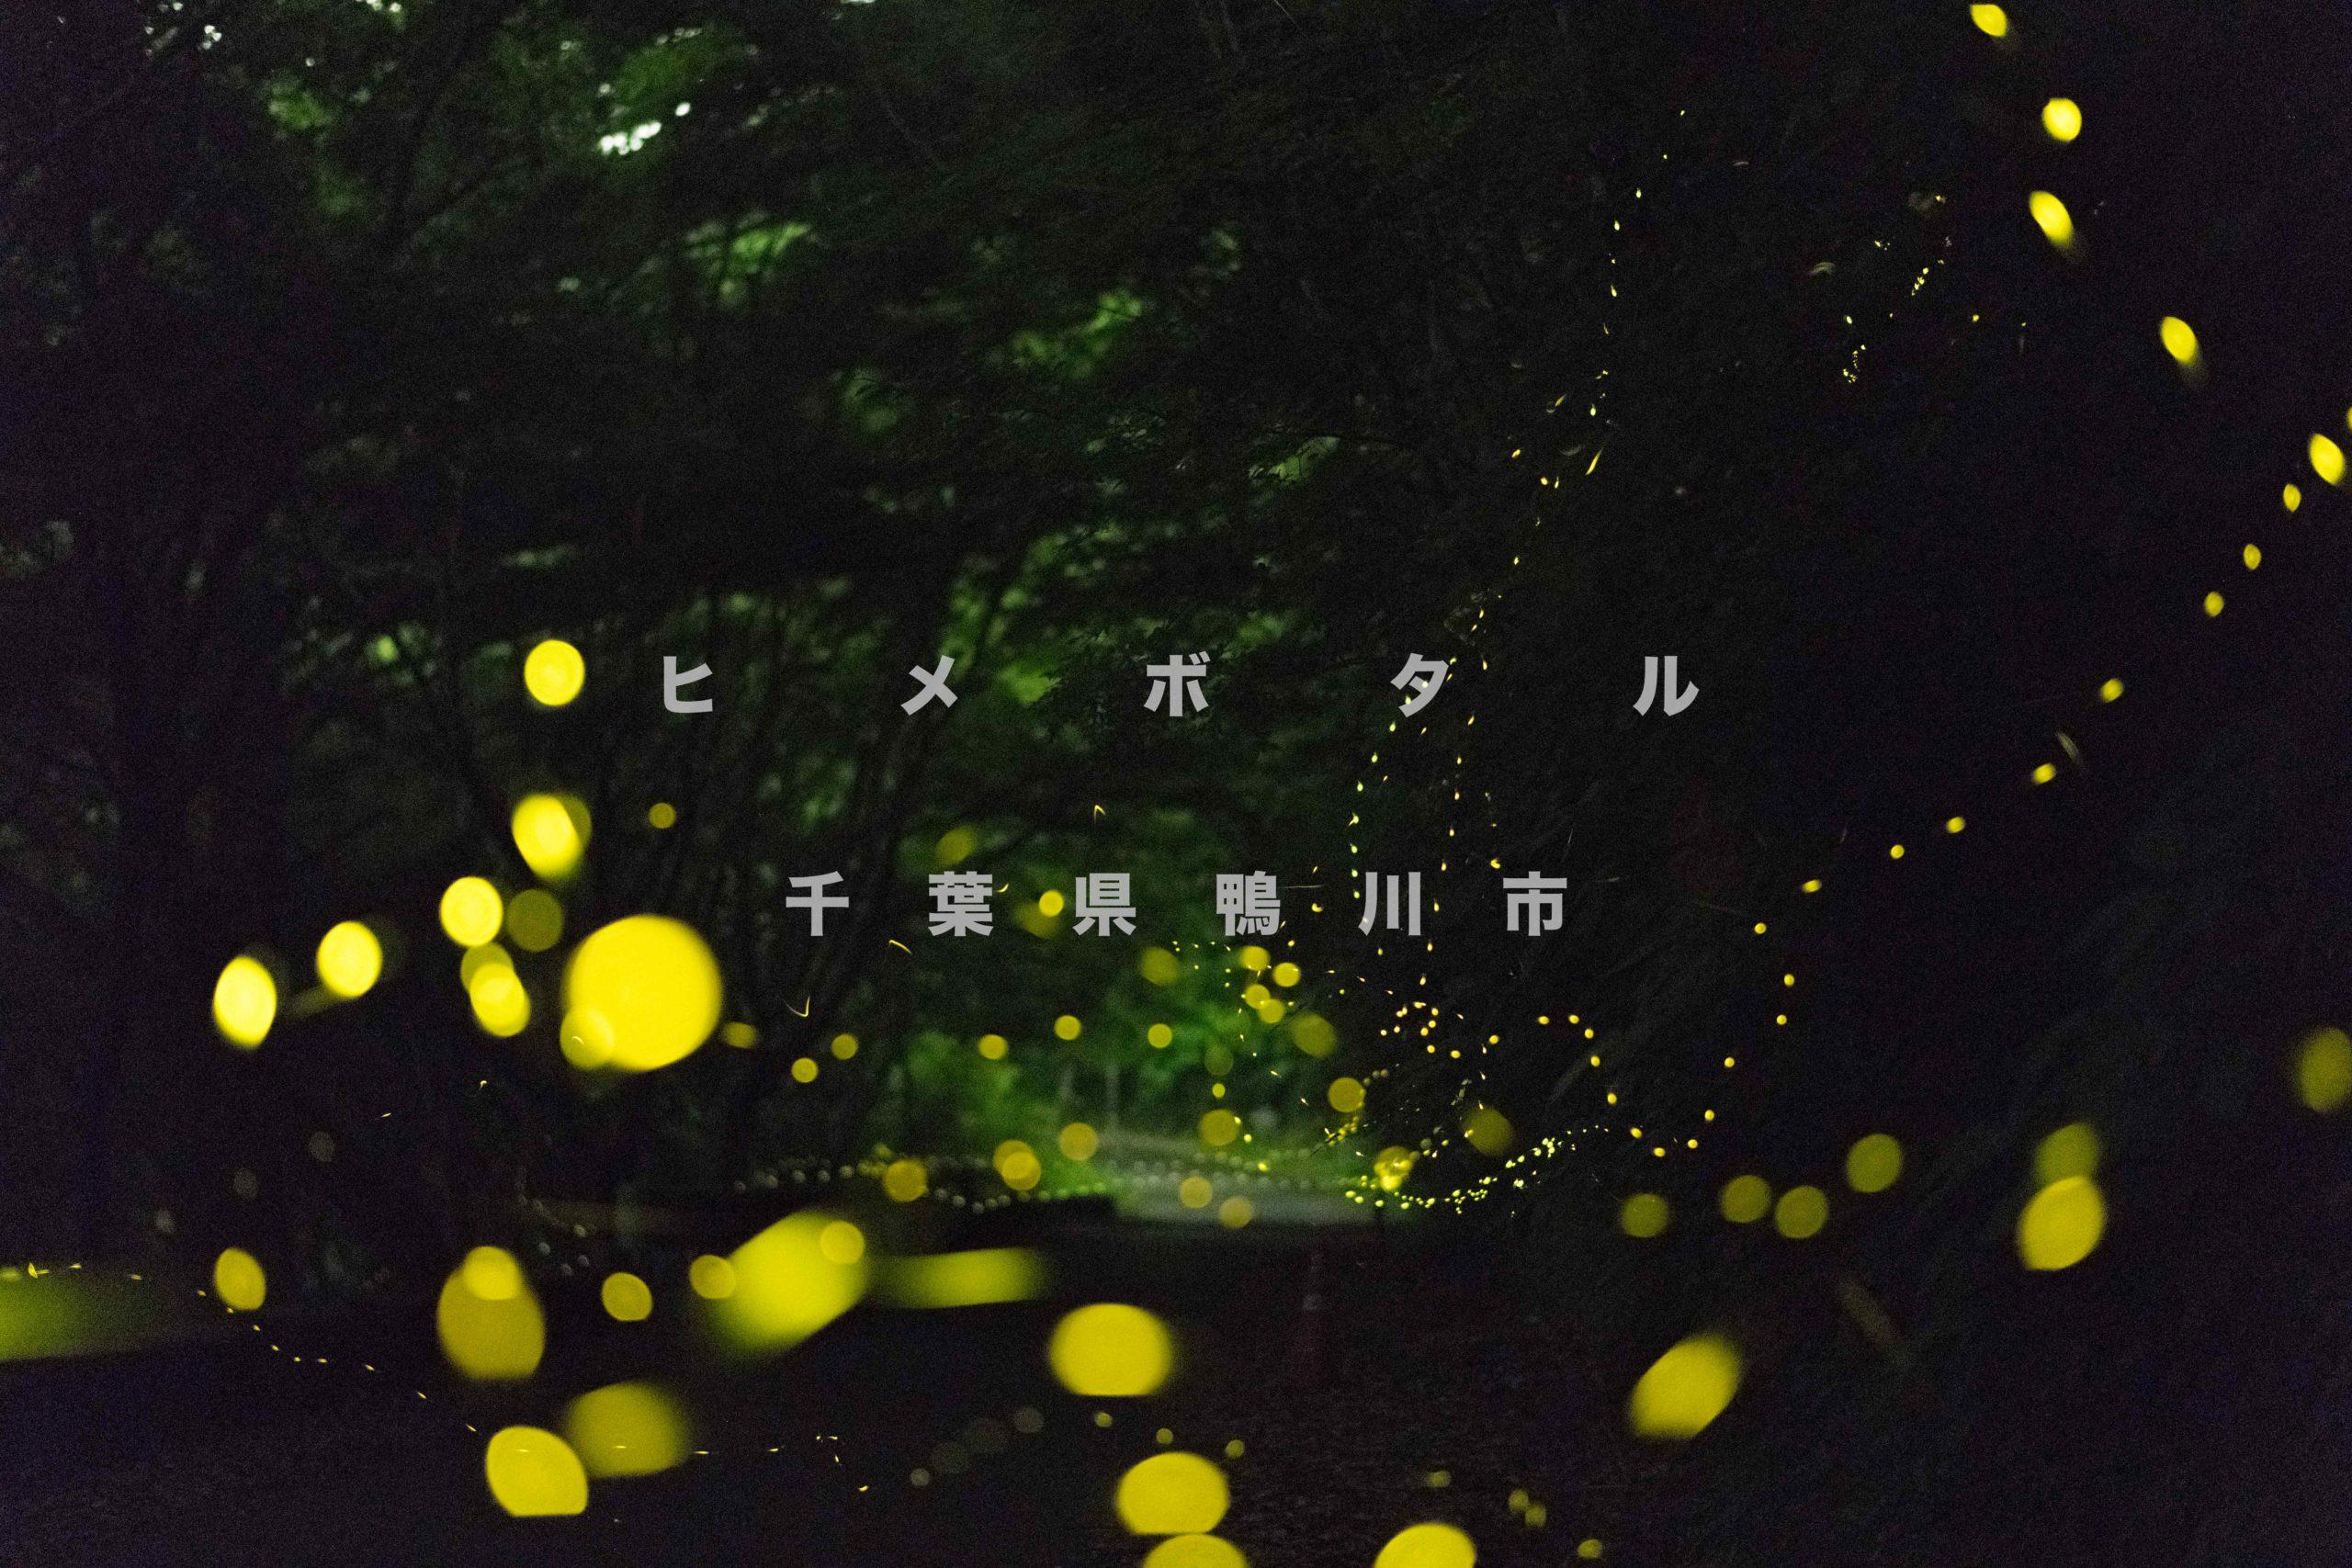 ヒメホタル, 写真, 千葉, 鴨川